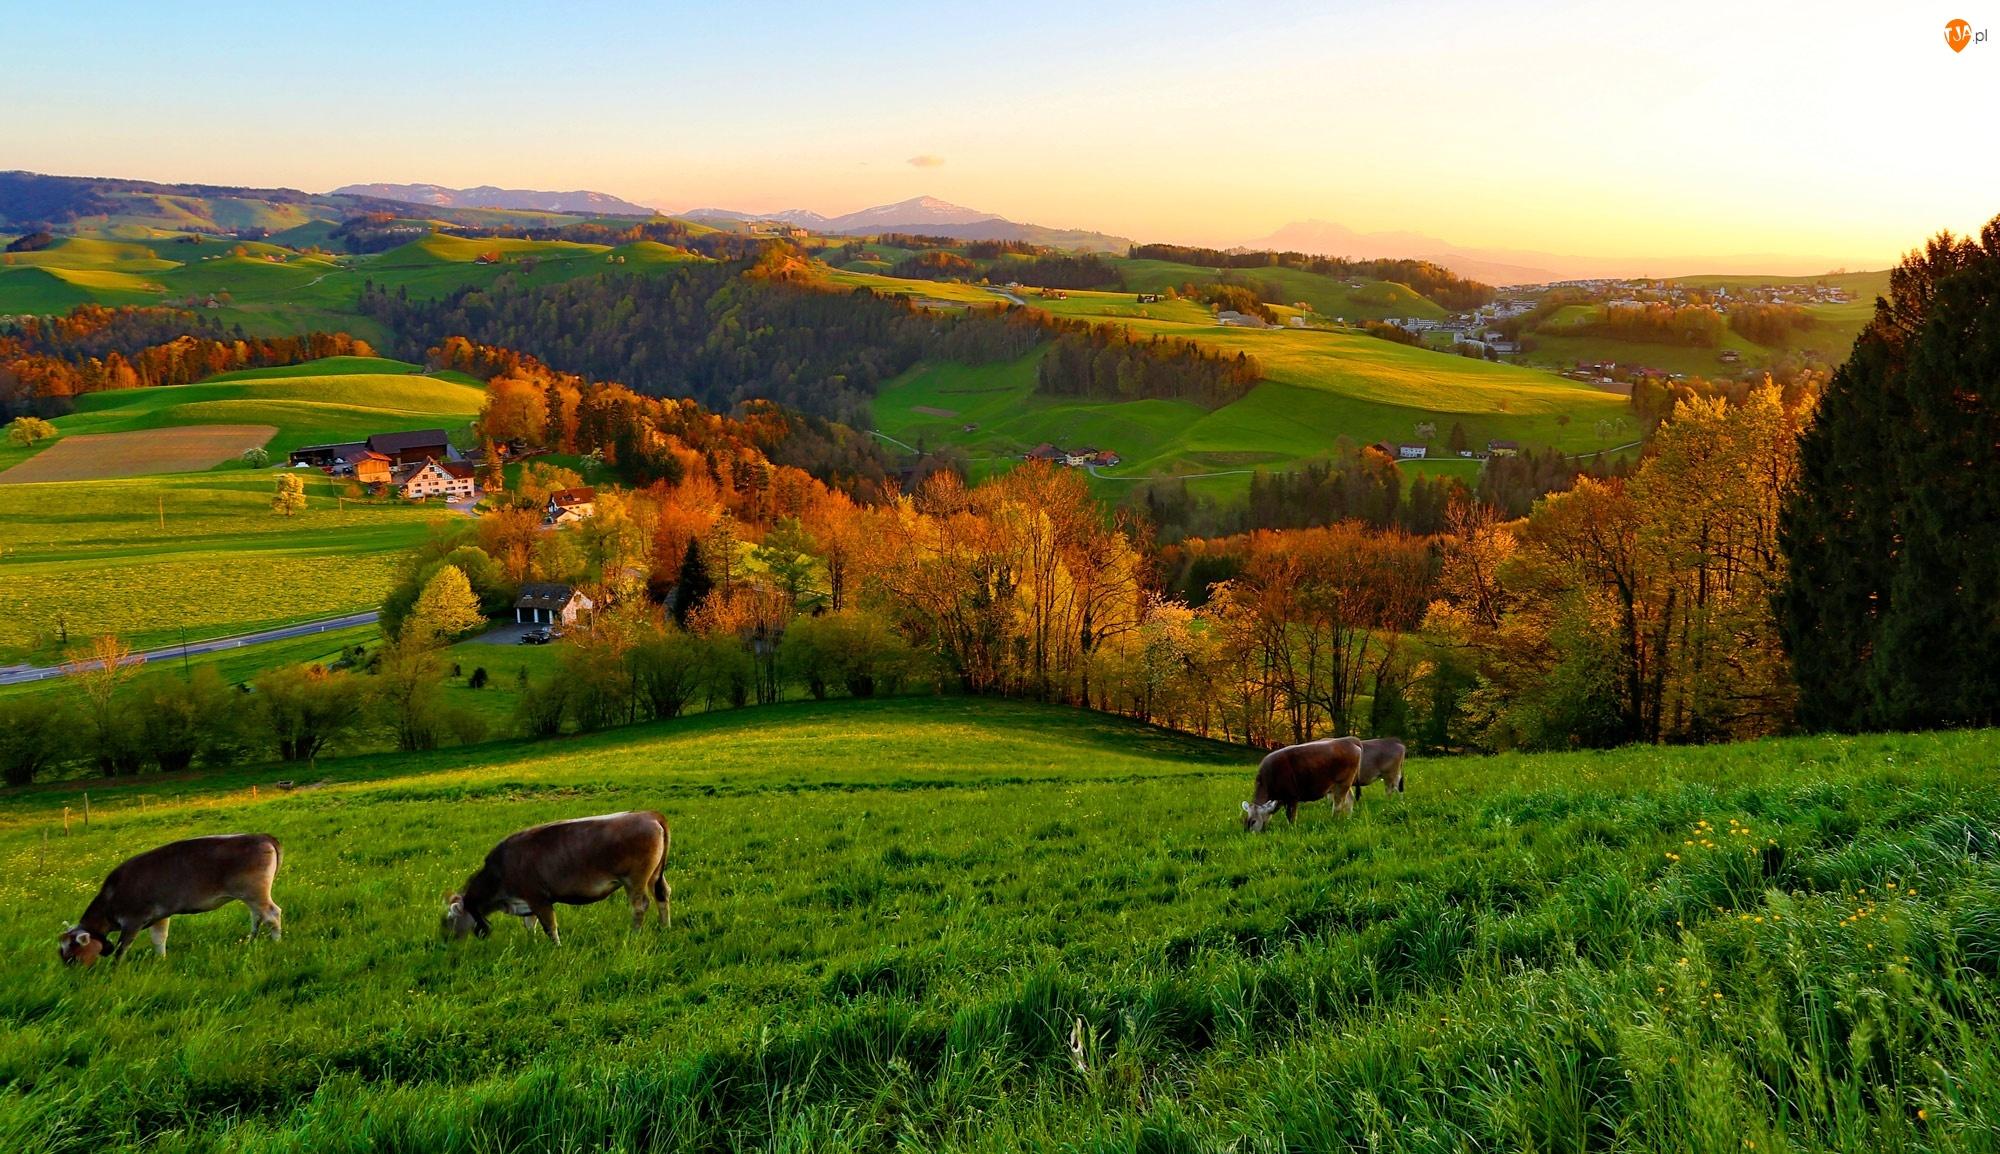 Wioska, Krowy, Łąka